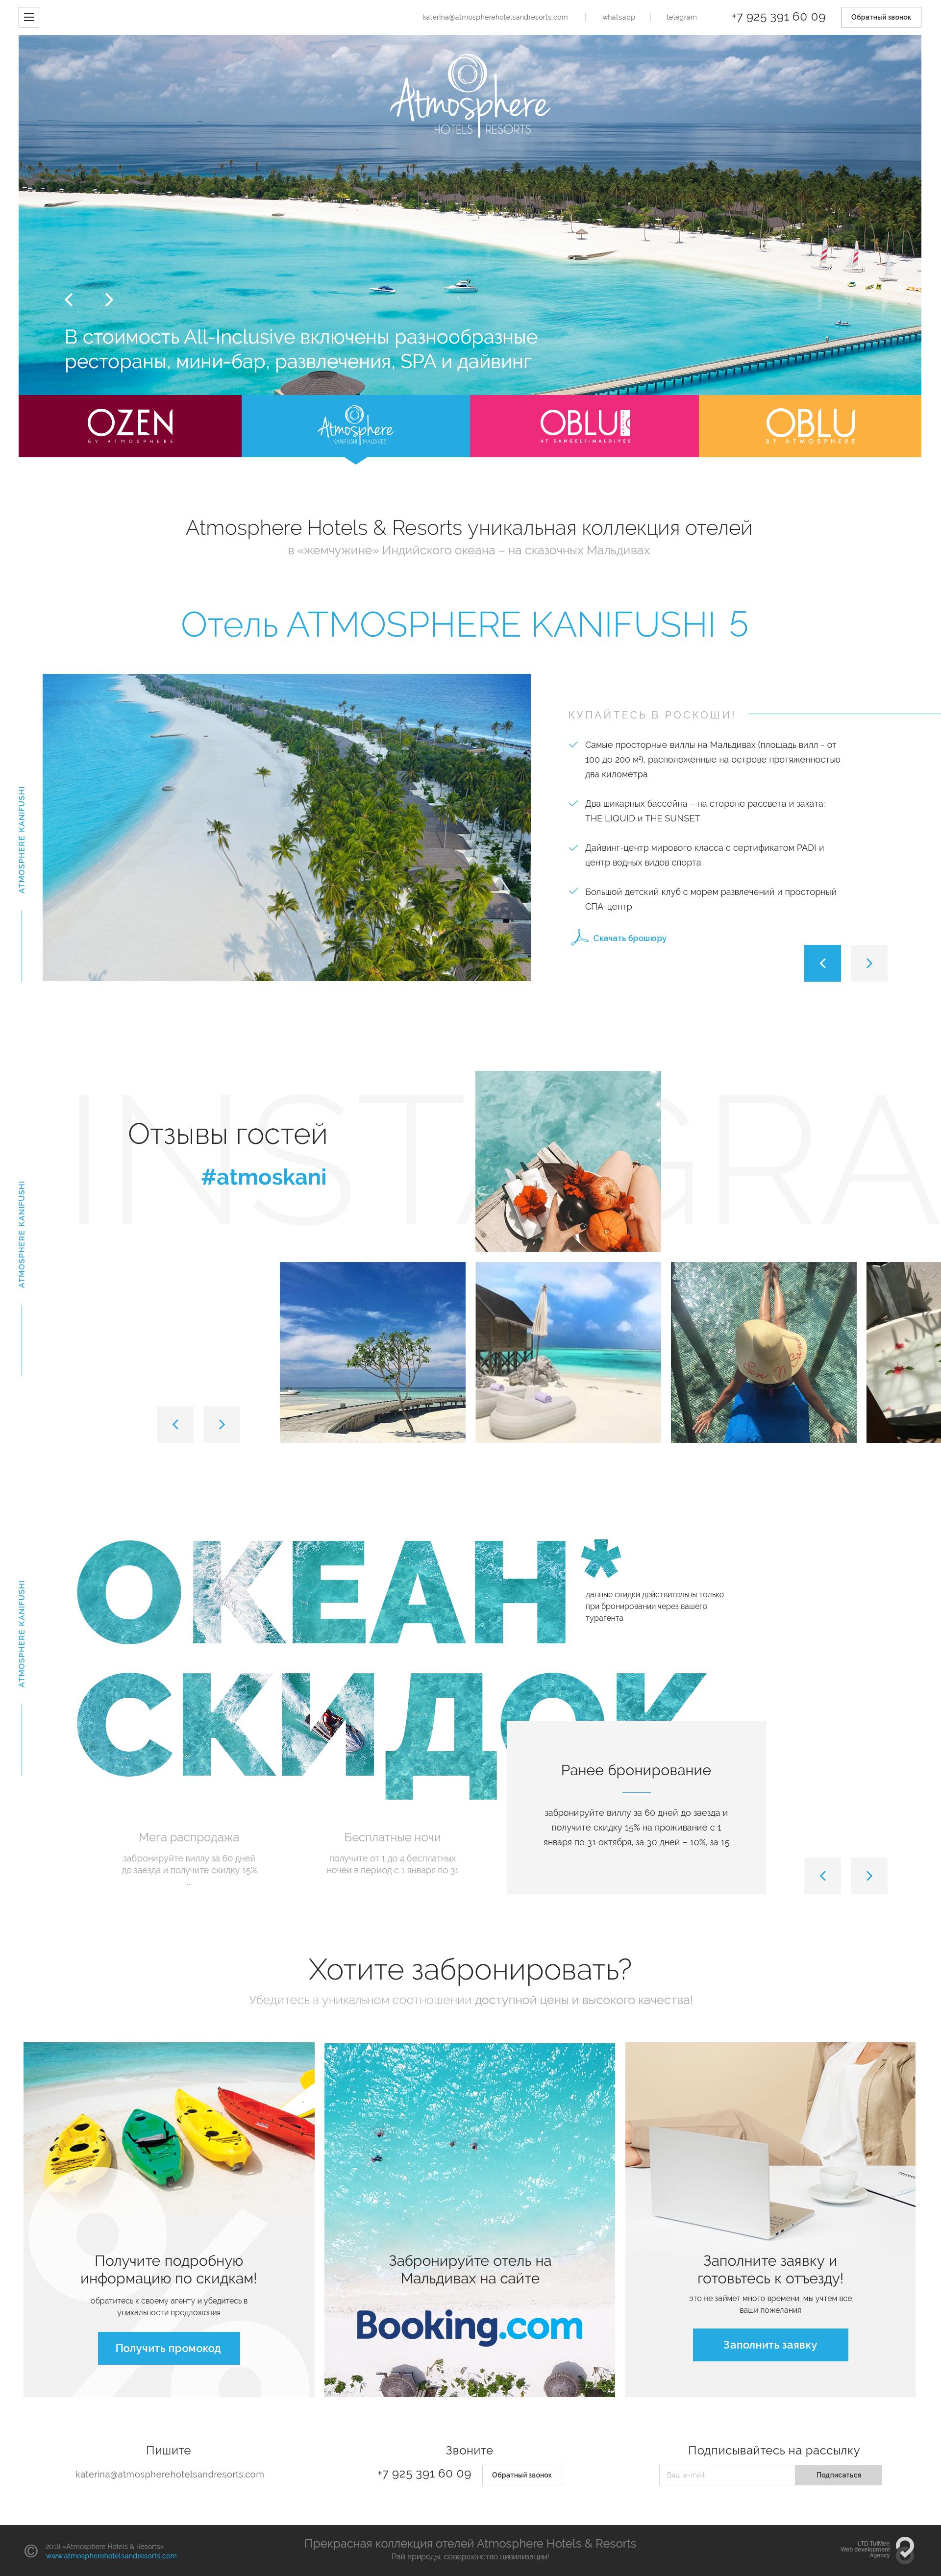 Адаптивный landing page - сеть отелей Atmosphere Hotels & Resorts